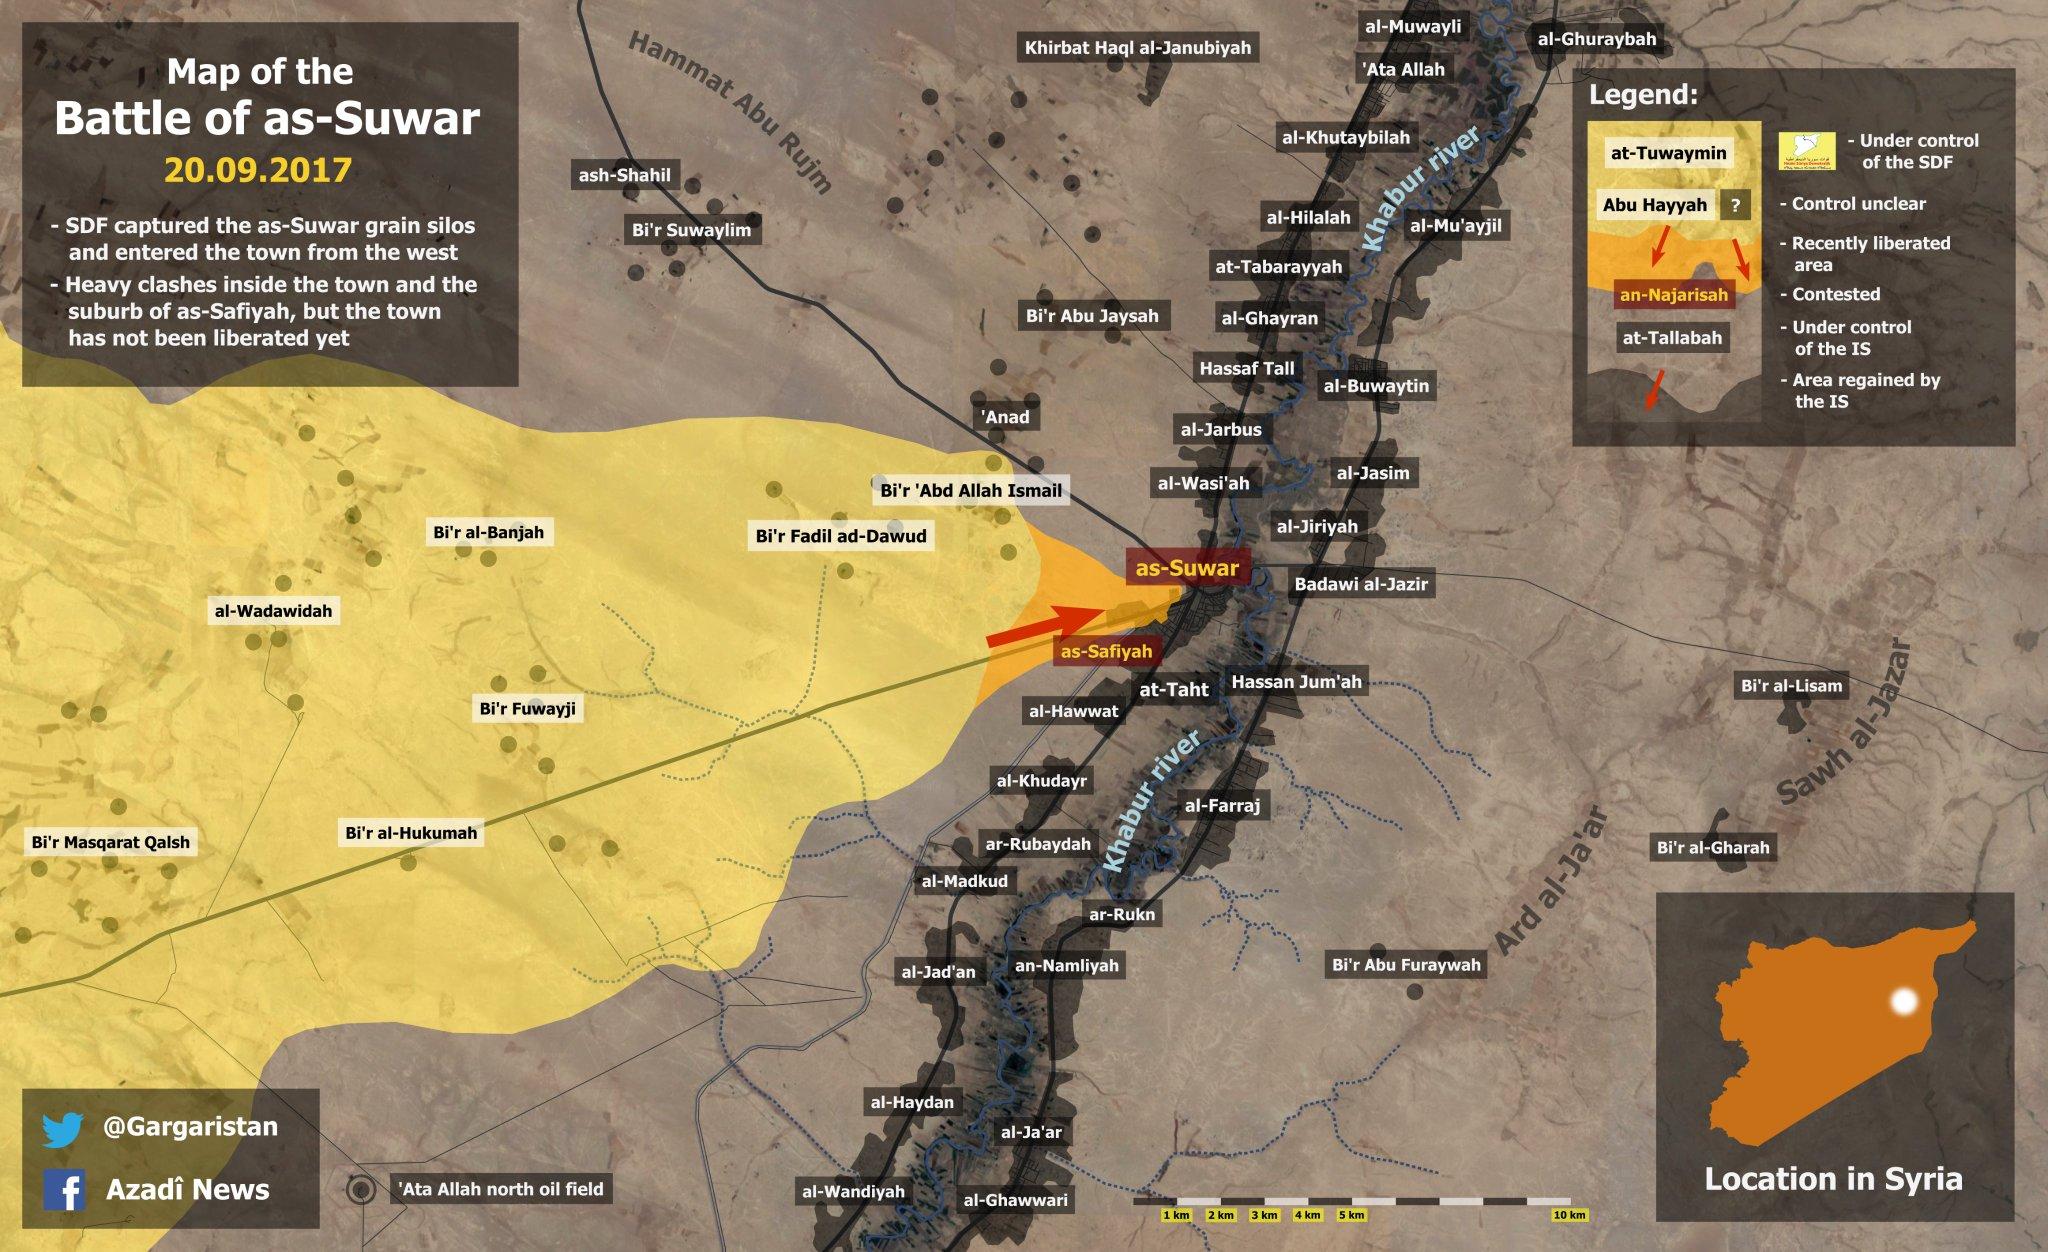 Наступления SDF в районе Дейр-аз-Зор по состоянию на 26.09.2017